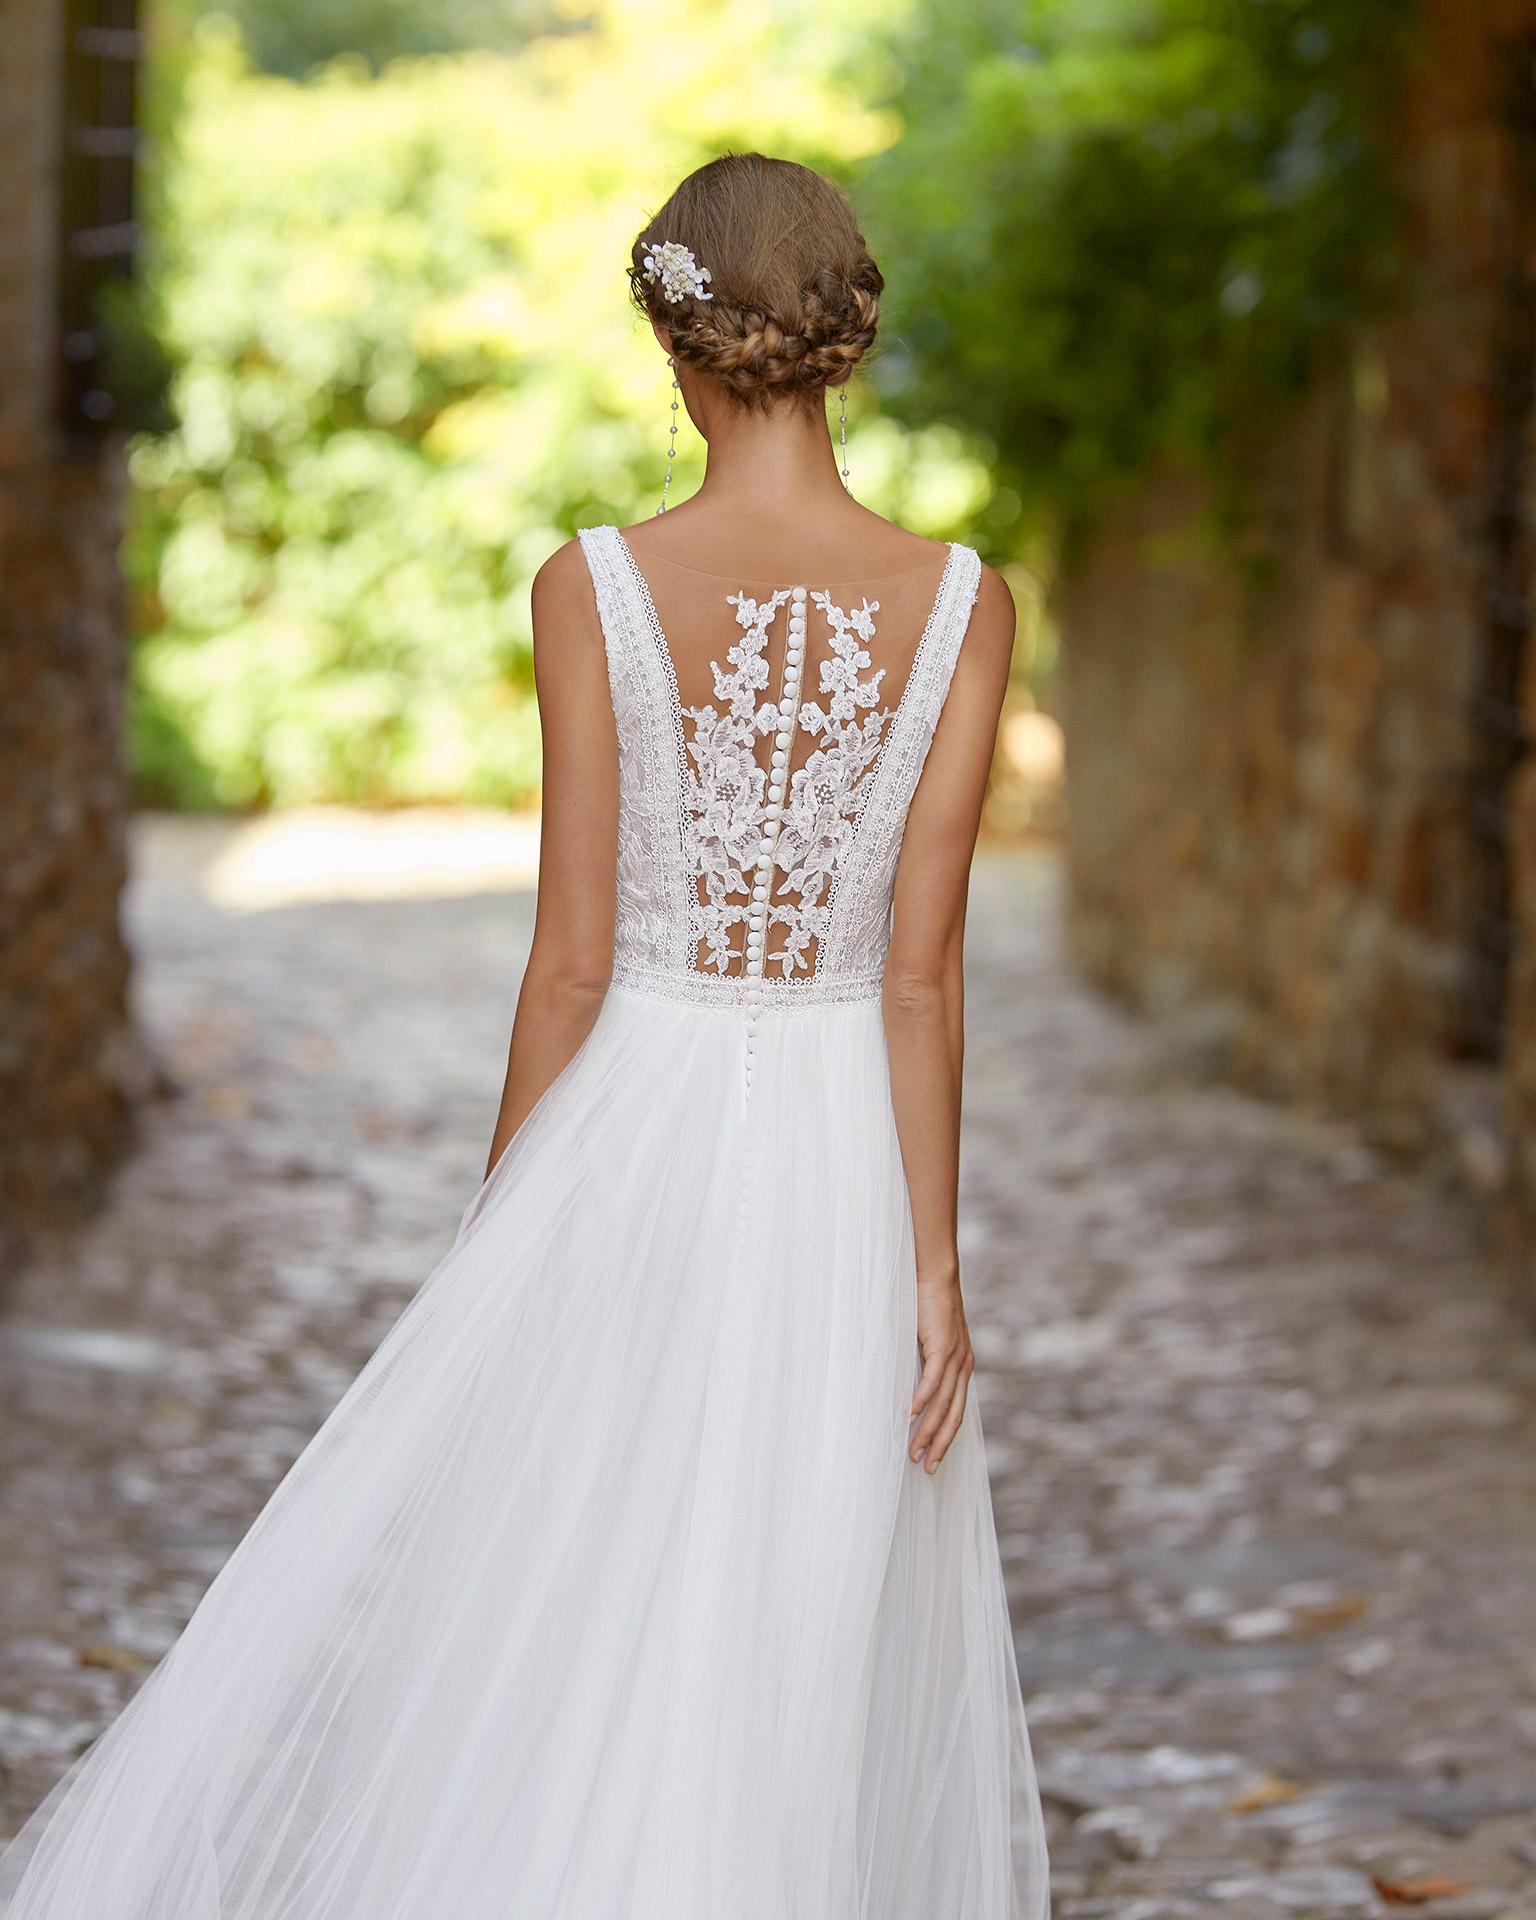 Vestido de novia delicado de corte recto con cuerpo de encaje; con escote en V, espalda tattoo y detalles de pedrería en escote y cintura. Modelo Alma Novia hecho en tul. Colección ALMANOVIA 2022.